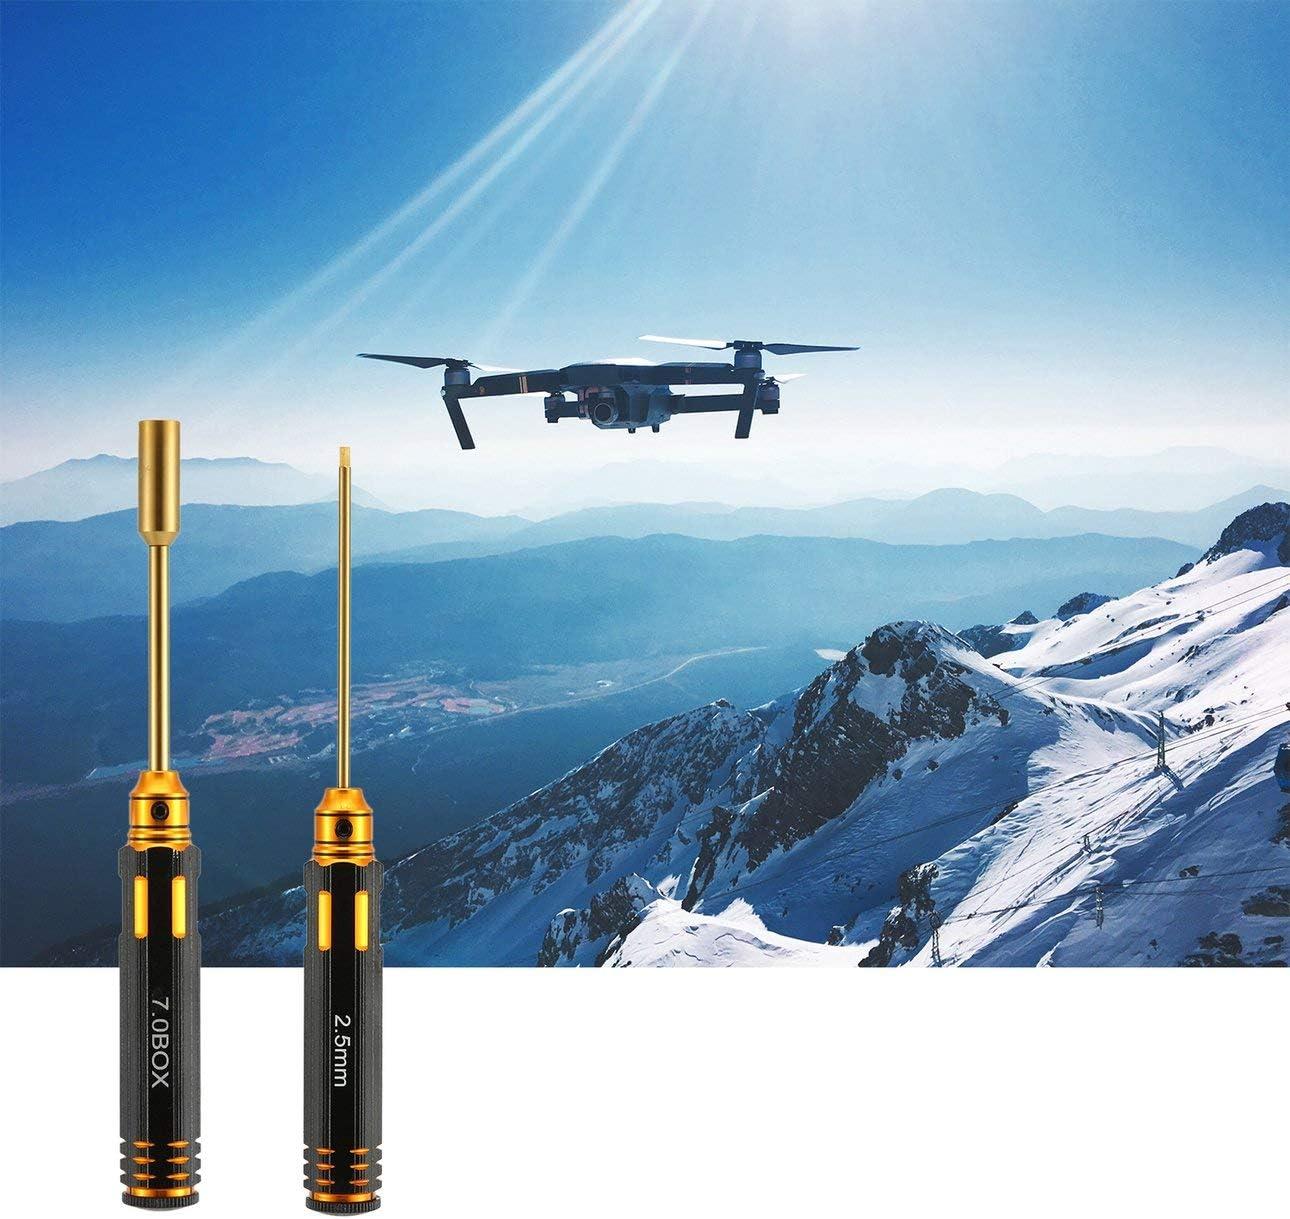 mm Wei/ß Stahl Hex Schraubendreher Tool Kit f/ür RC Hubschrauber Auto Drohne Modell Reparatur Werkzeuge Ballylelly 8 St/ücke 1,5//2,0//2,5//3,0//5,5//7,0//4//4